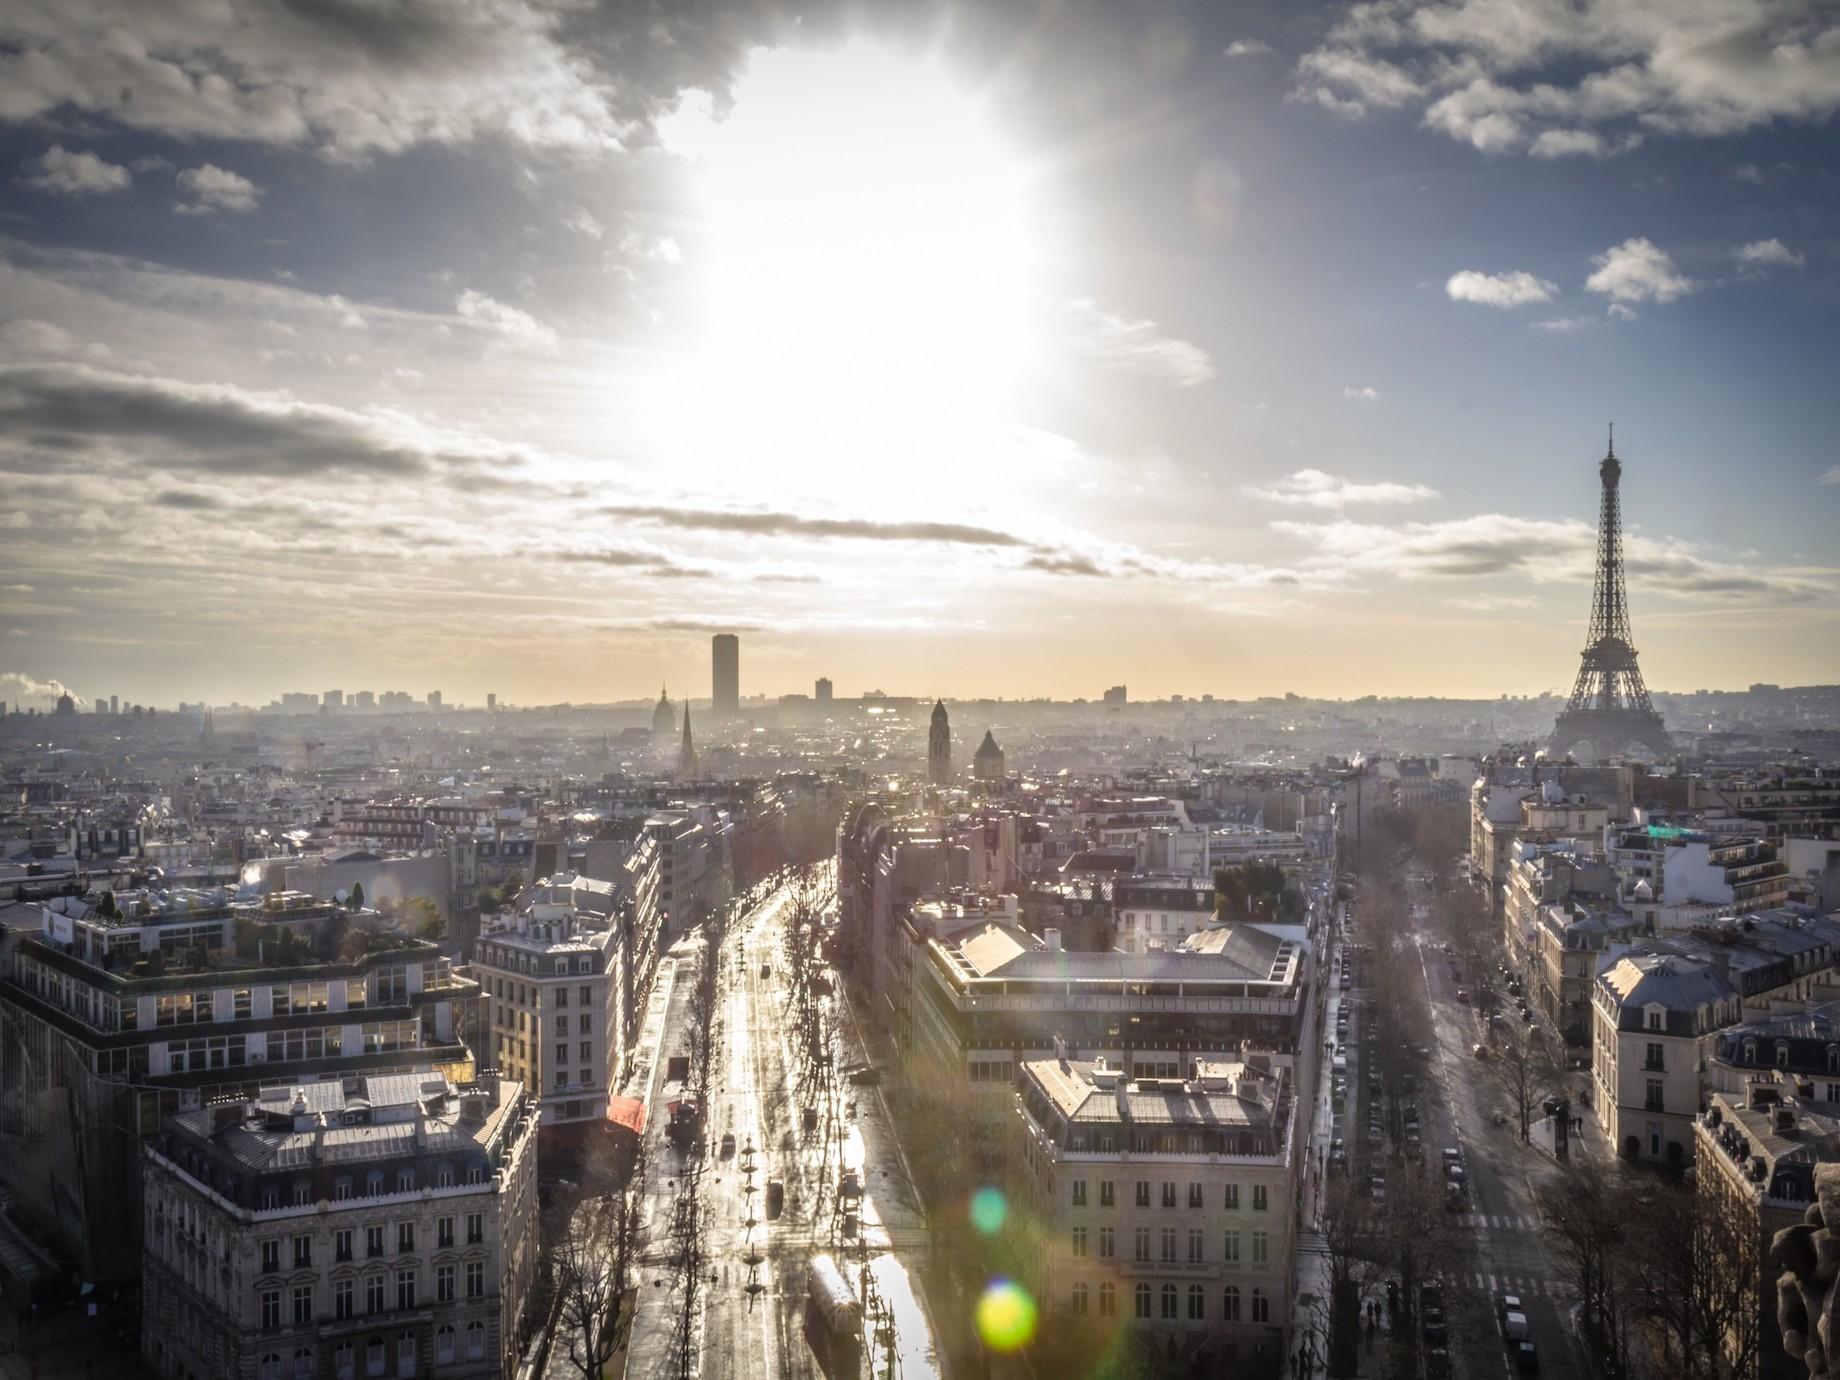 直播行銷的魅力:領布魯塞爾走出鬼城的陰霾,重振比利時觀光